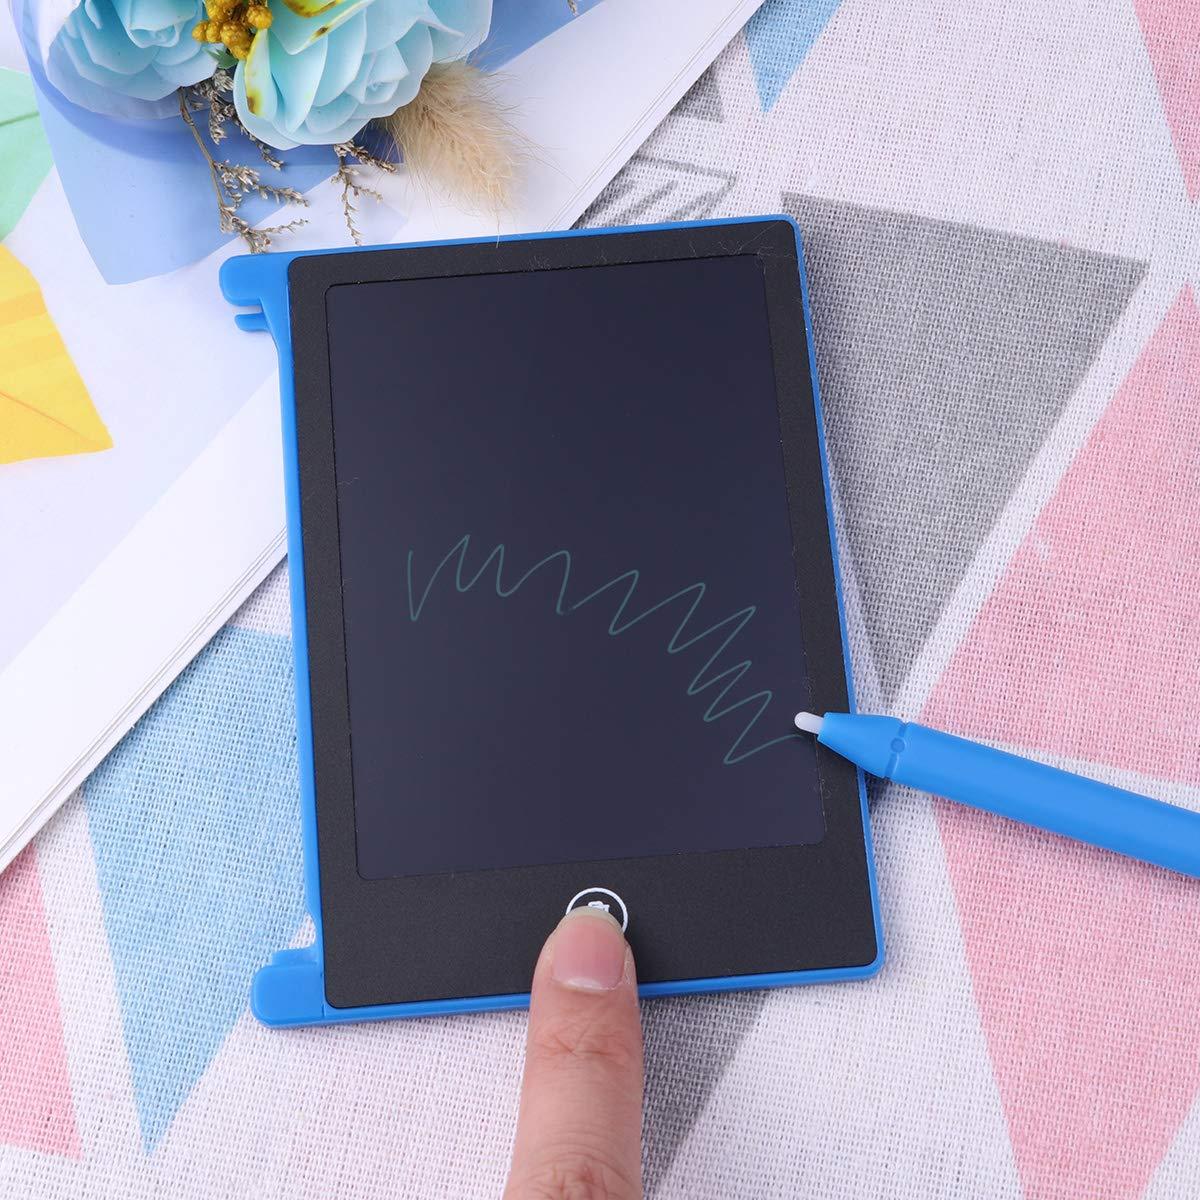 Herramienta de Graffiti para ni/ños Amarillo Desarrollo temprano Toyvian Tableta gr/áfica port/átil de 4,4 Pulgadas de Escritura Tableta gr/áfica port/átil